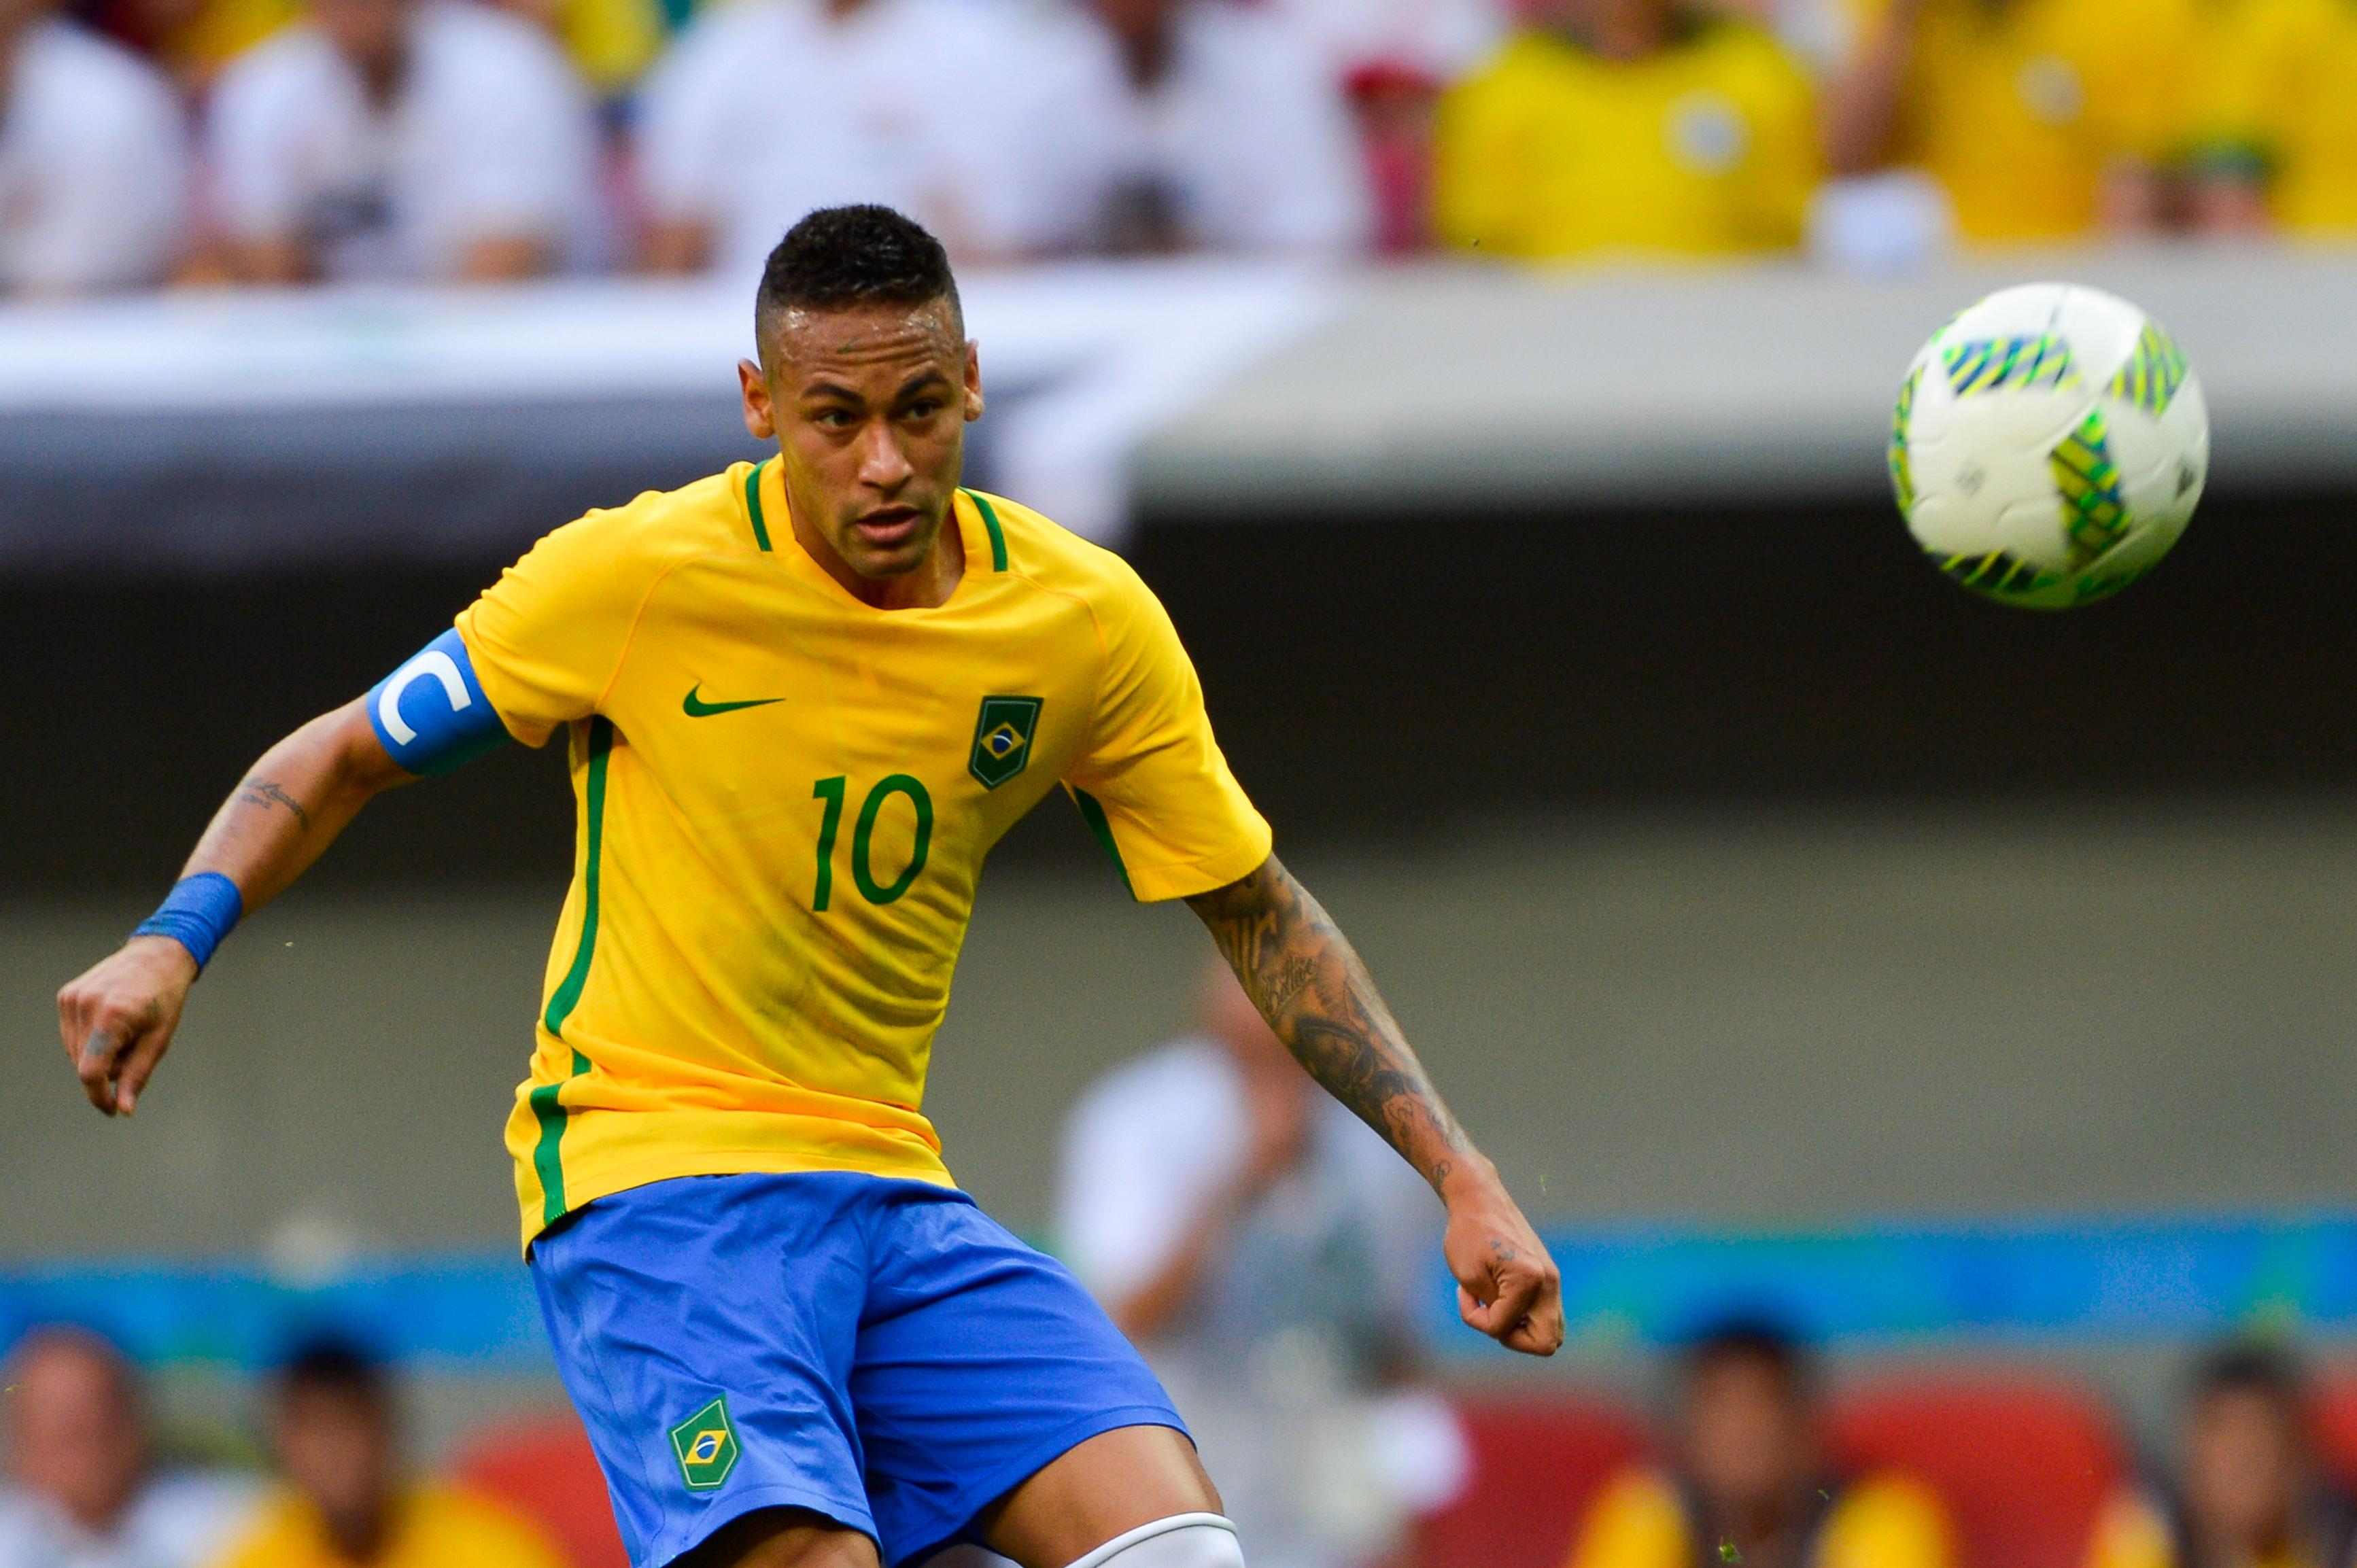 Brasília - Seleção olímpica brasileira de futebol estreia nas Olimpíadas  com empate sem gols contra a 19ef51fab0509